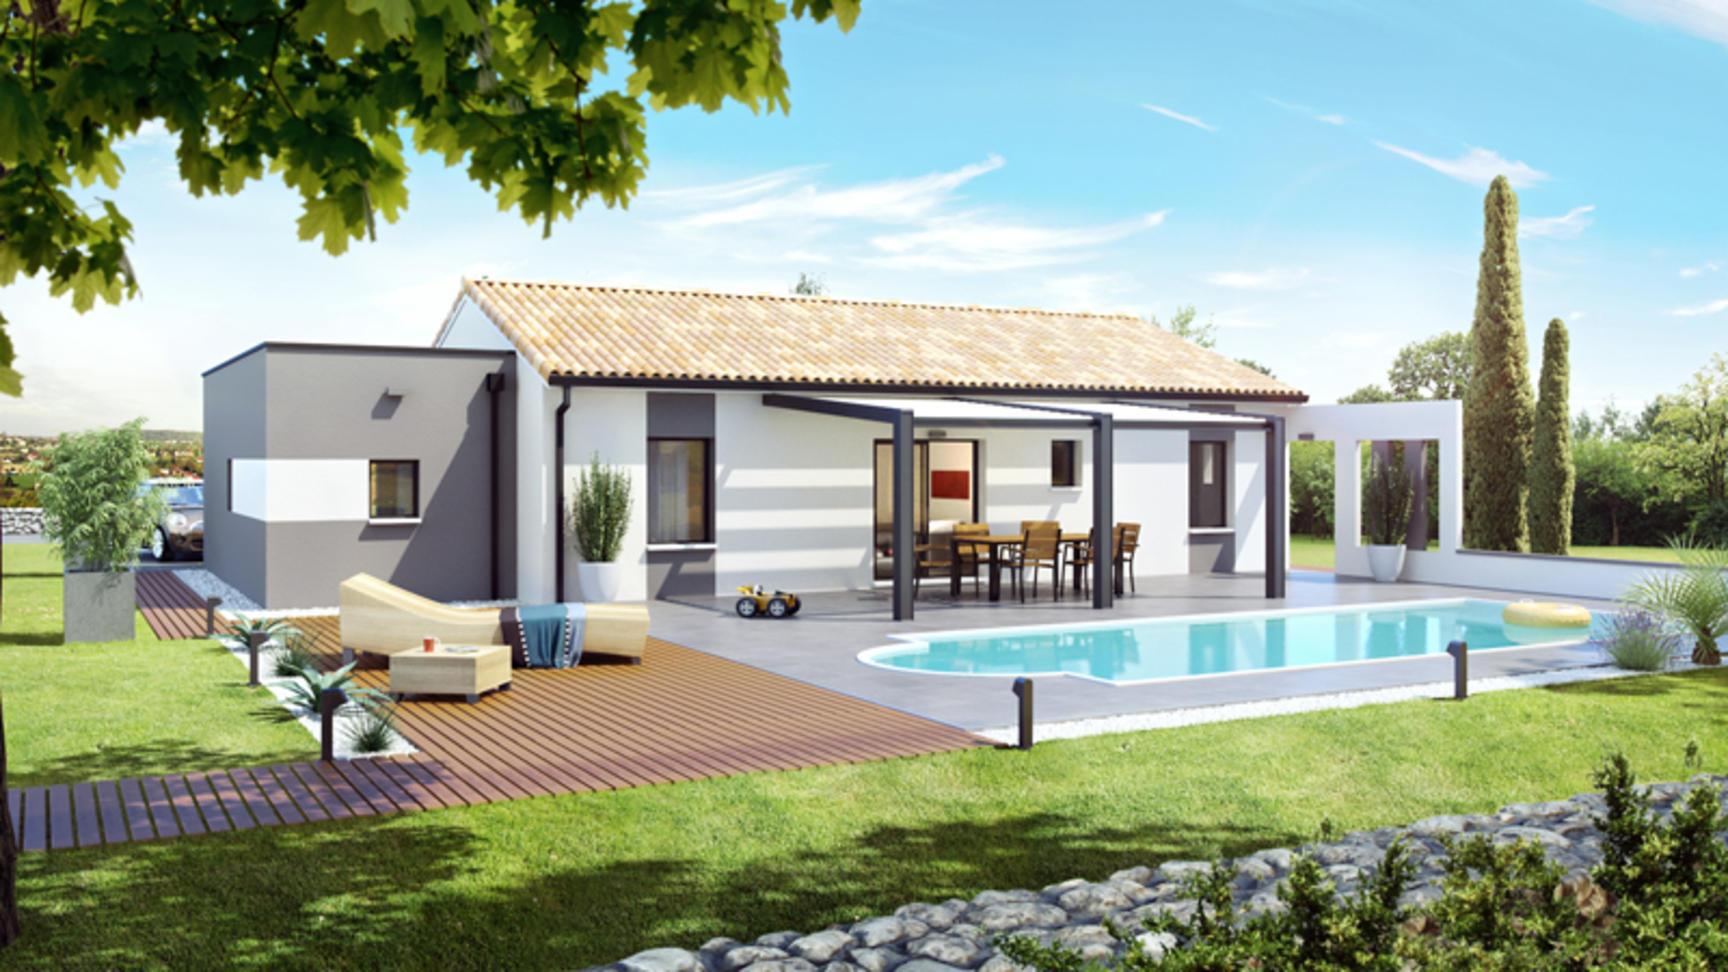 Annonce vente maison albi 81000 104 m 194 000 for Annonce maison neuve